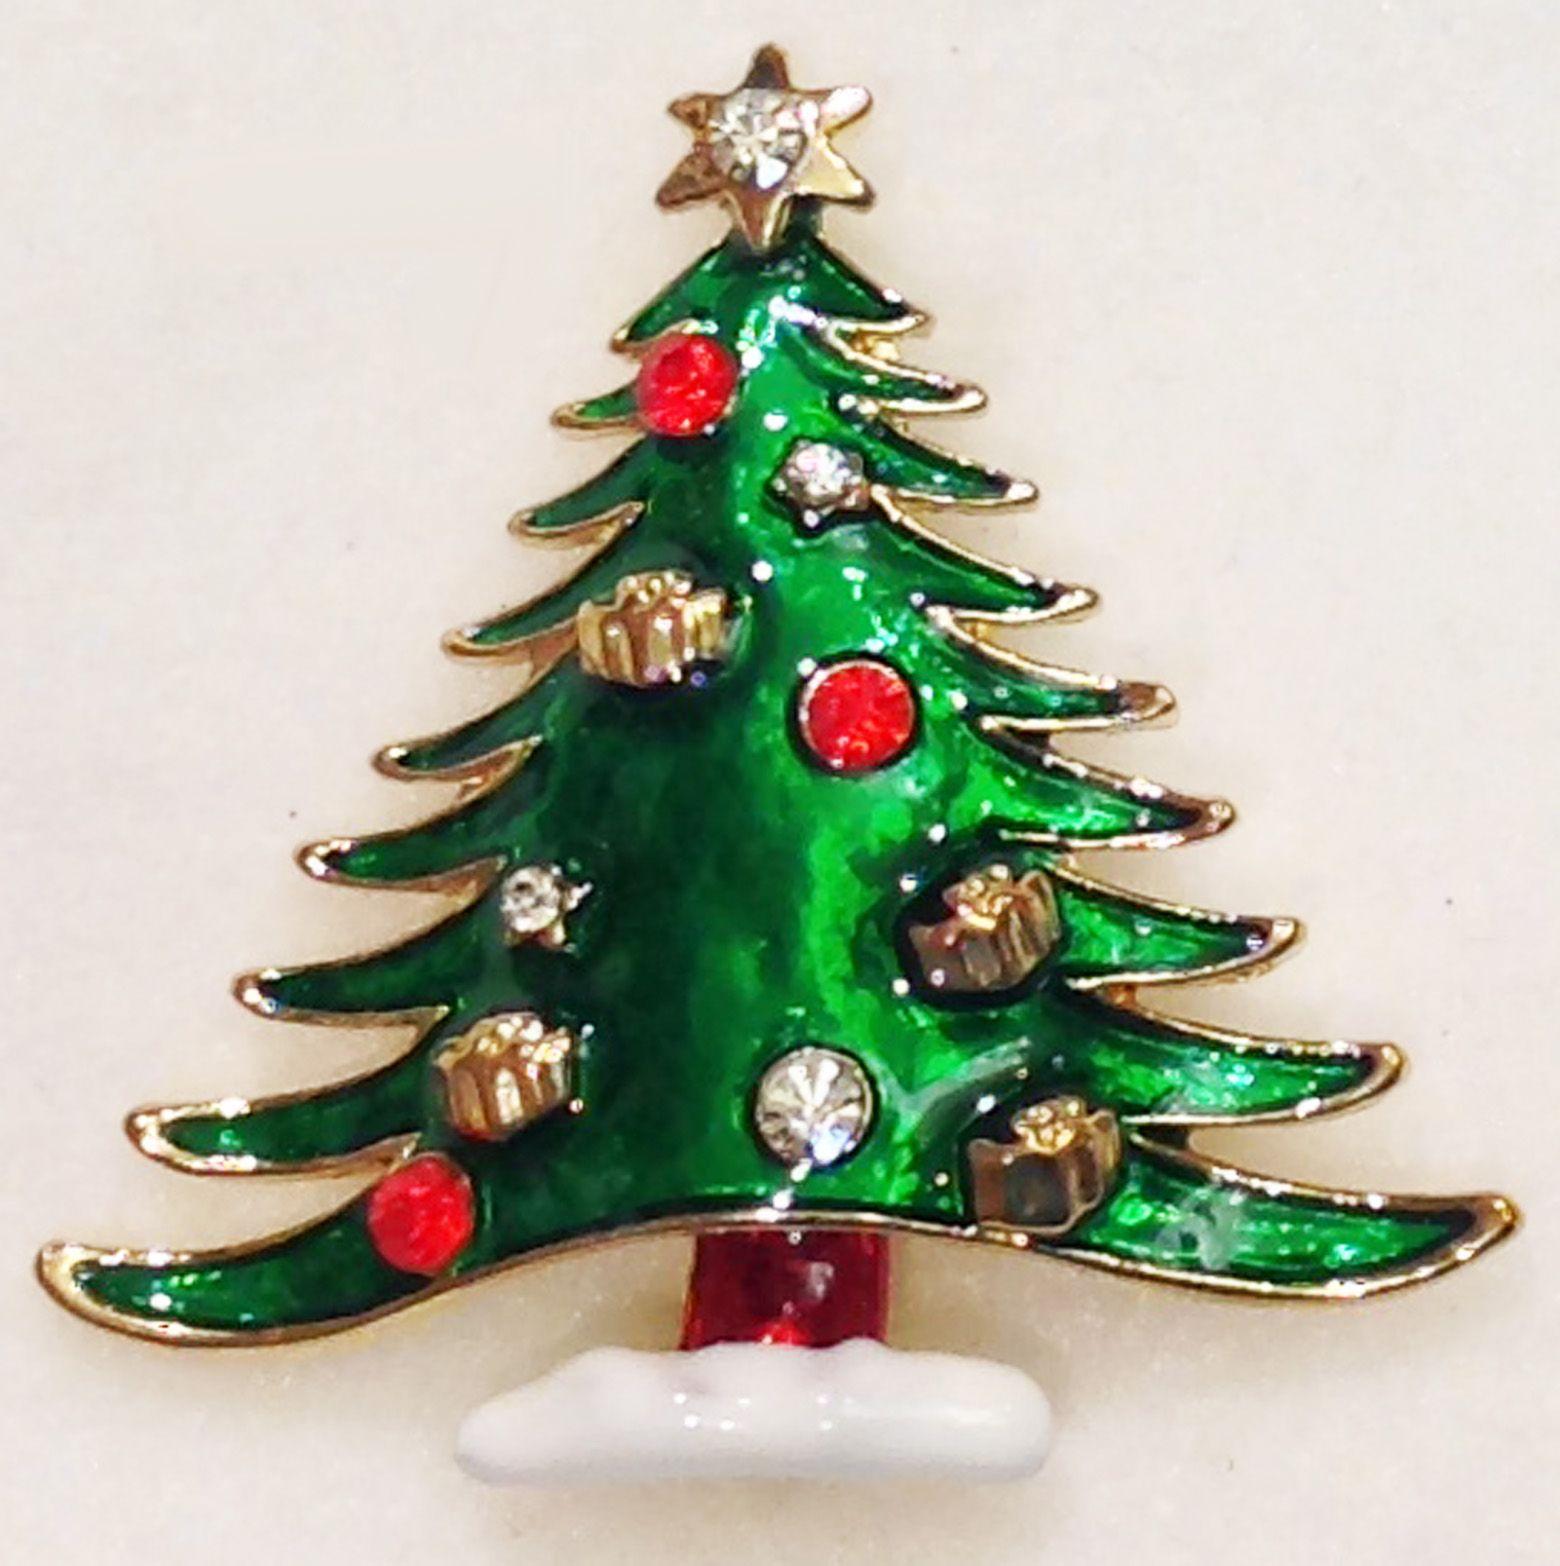 Christmas Tree Pin Rhinestone Enamel Gift Ornaments On Tree